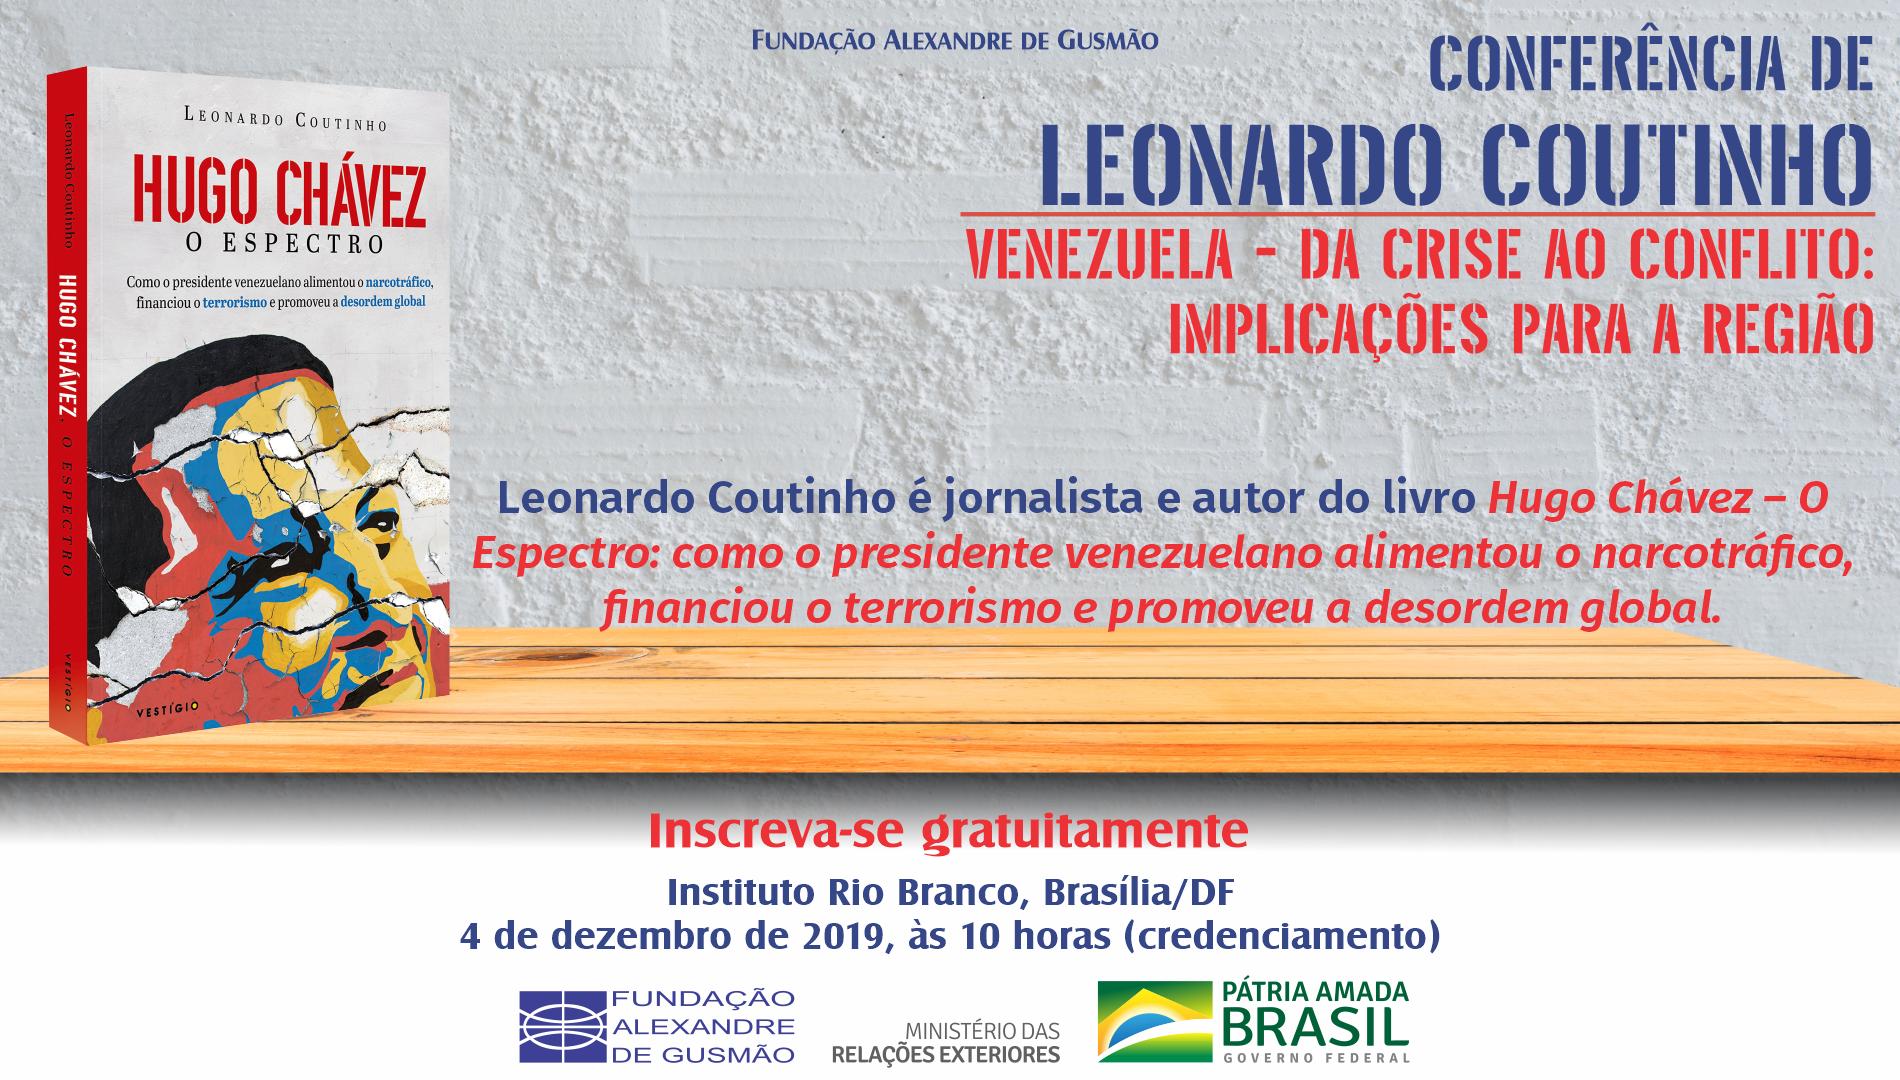 """Inscrições abertas para a conferência """"Venezuela – da crise ao conflito: implicações para a região"""", com o jornalista e escritor Leonardo Coutinho"""